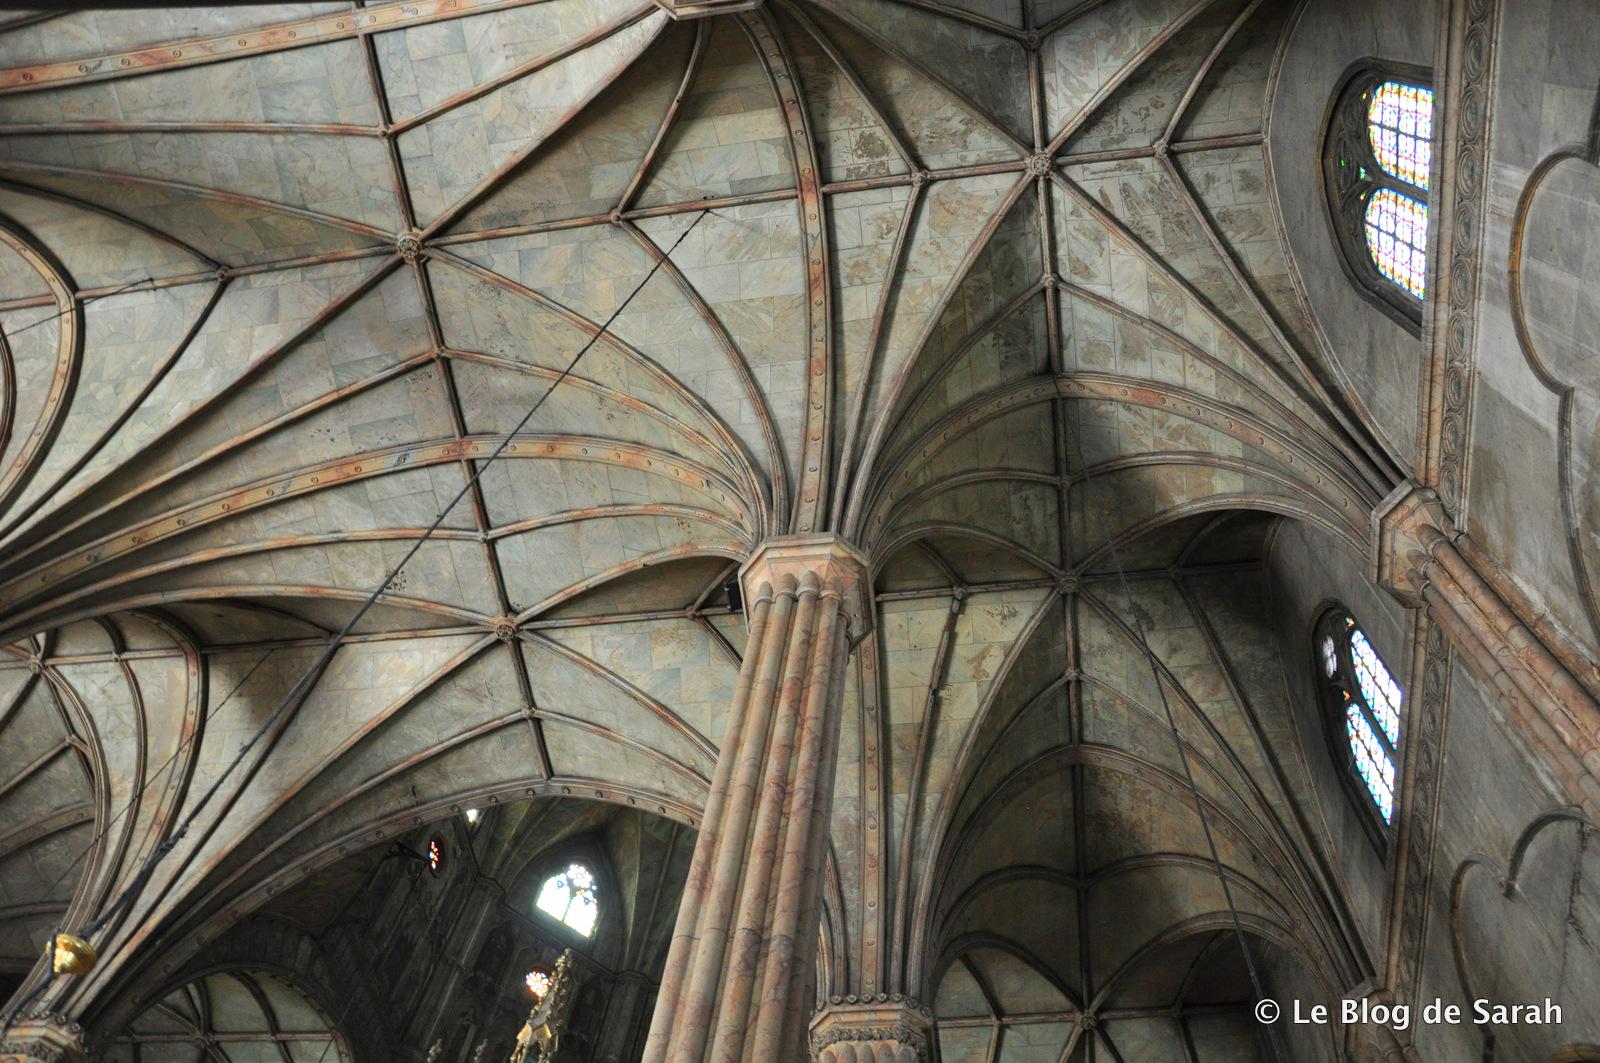 Bóvedas de acero y columnas de la Basílica de San Sebastián